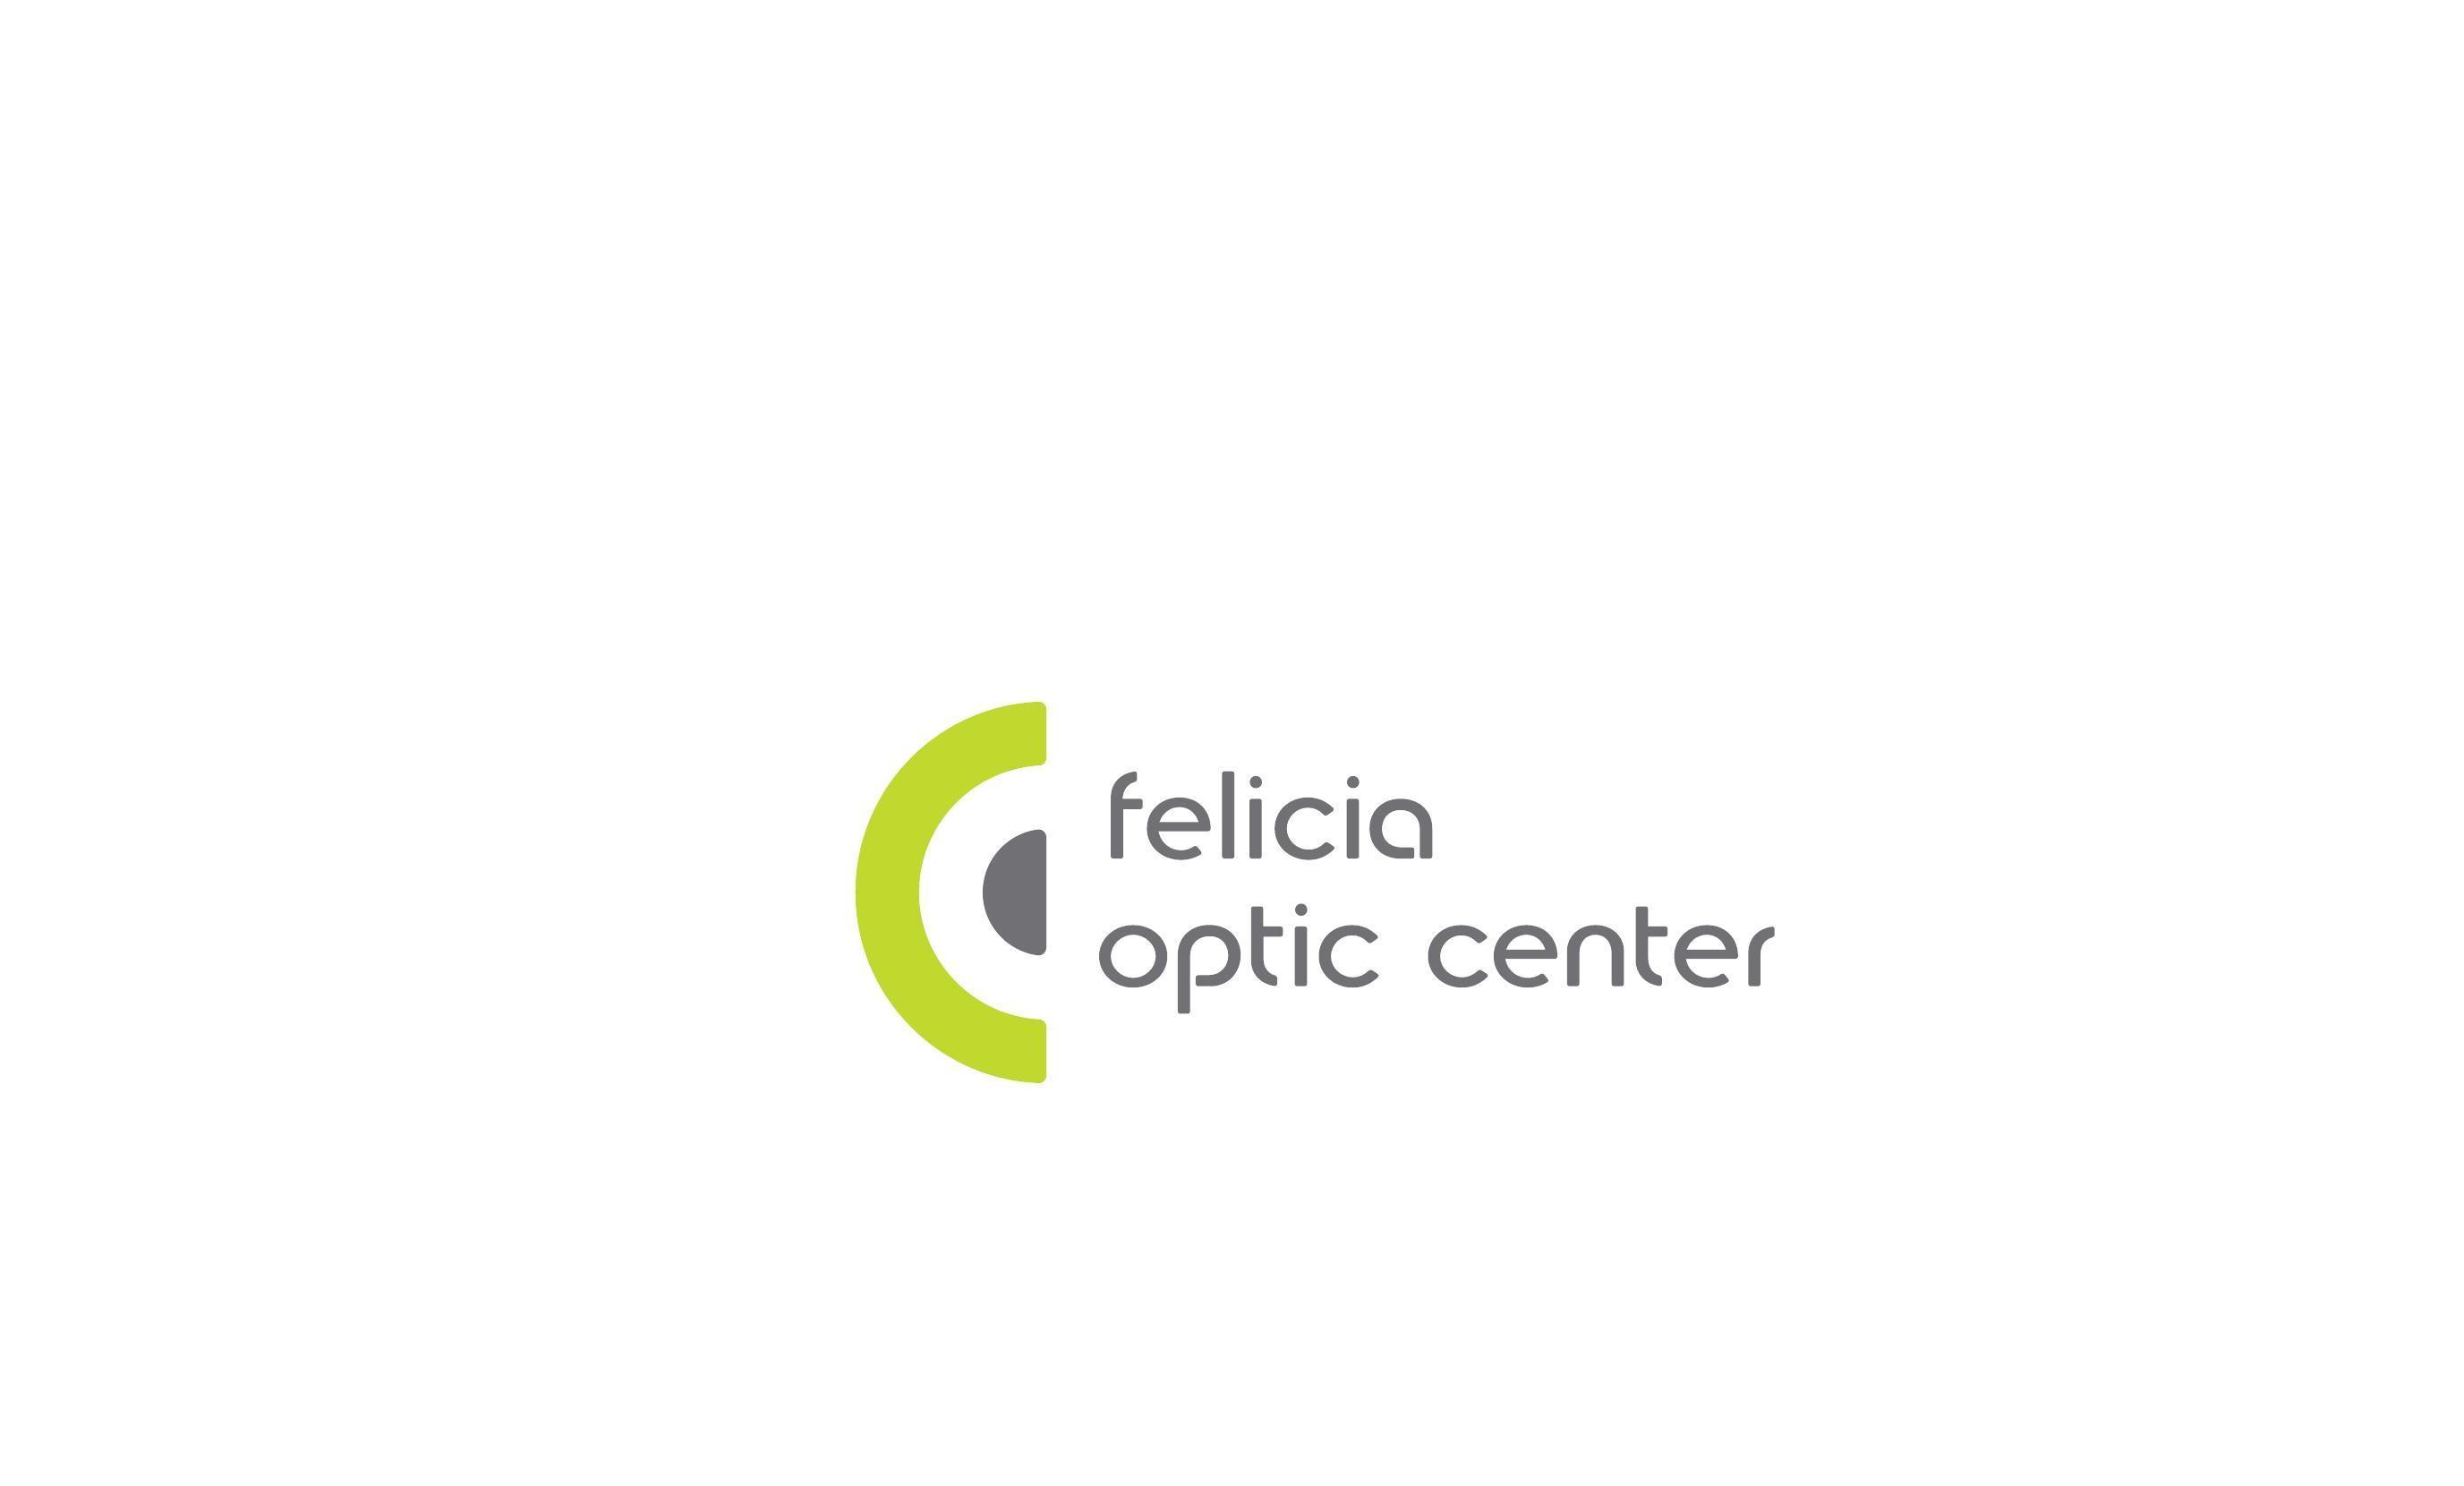 FELICIA OPTIC CENTER Logo